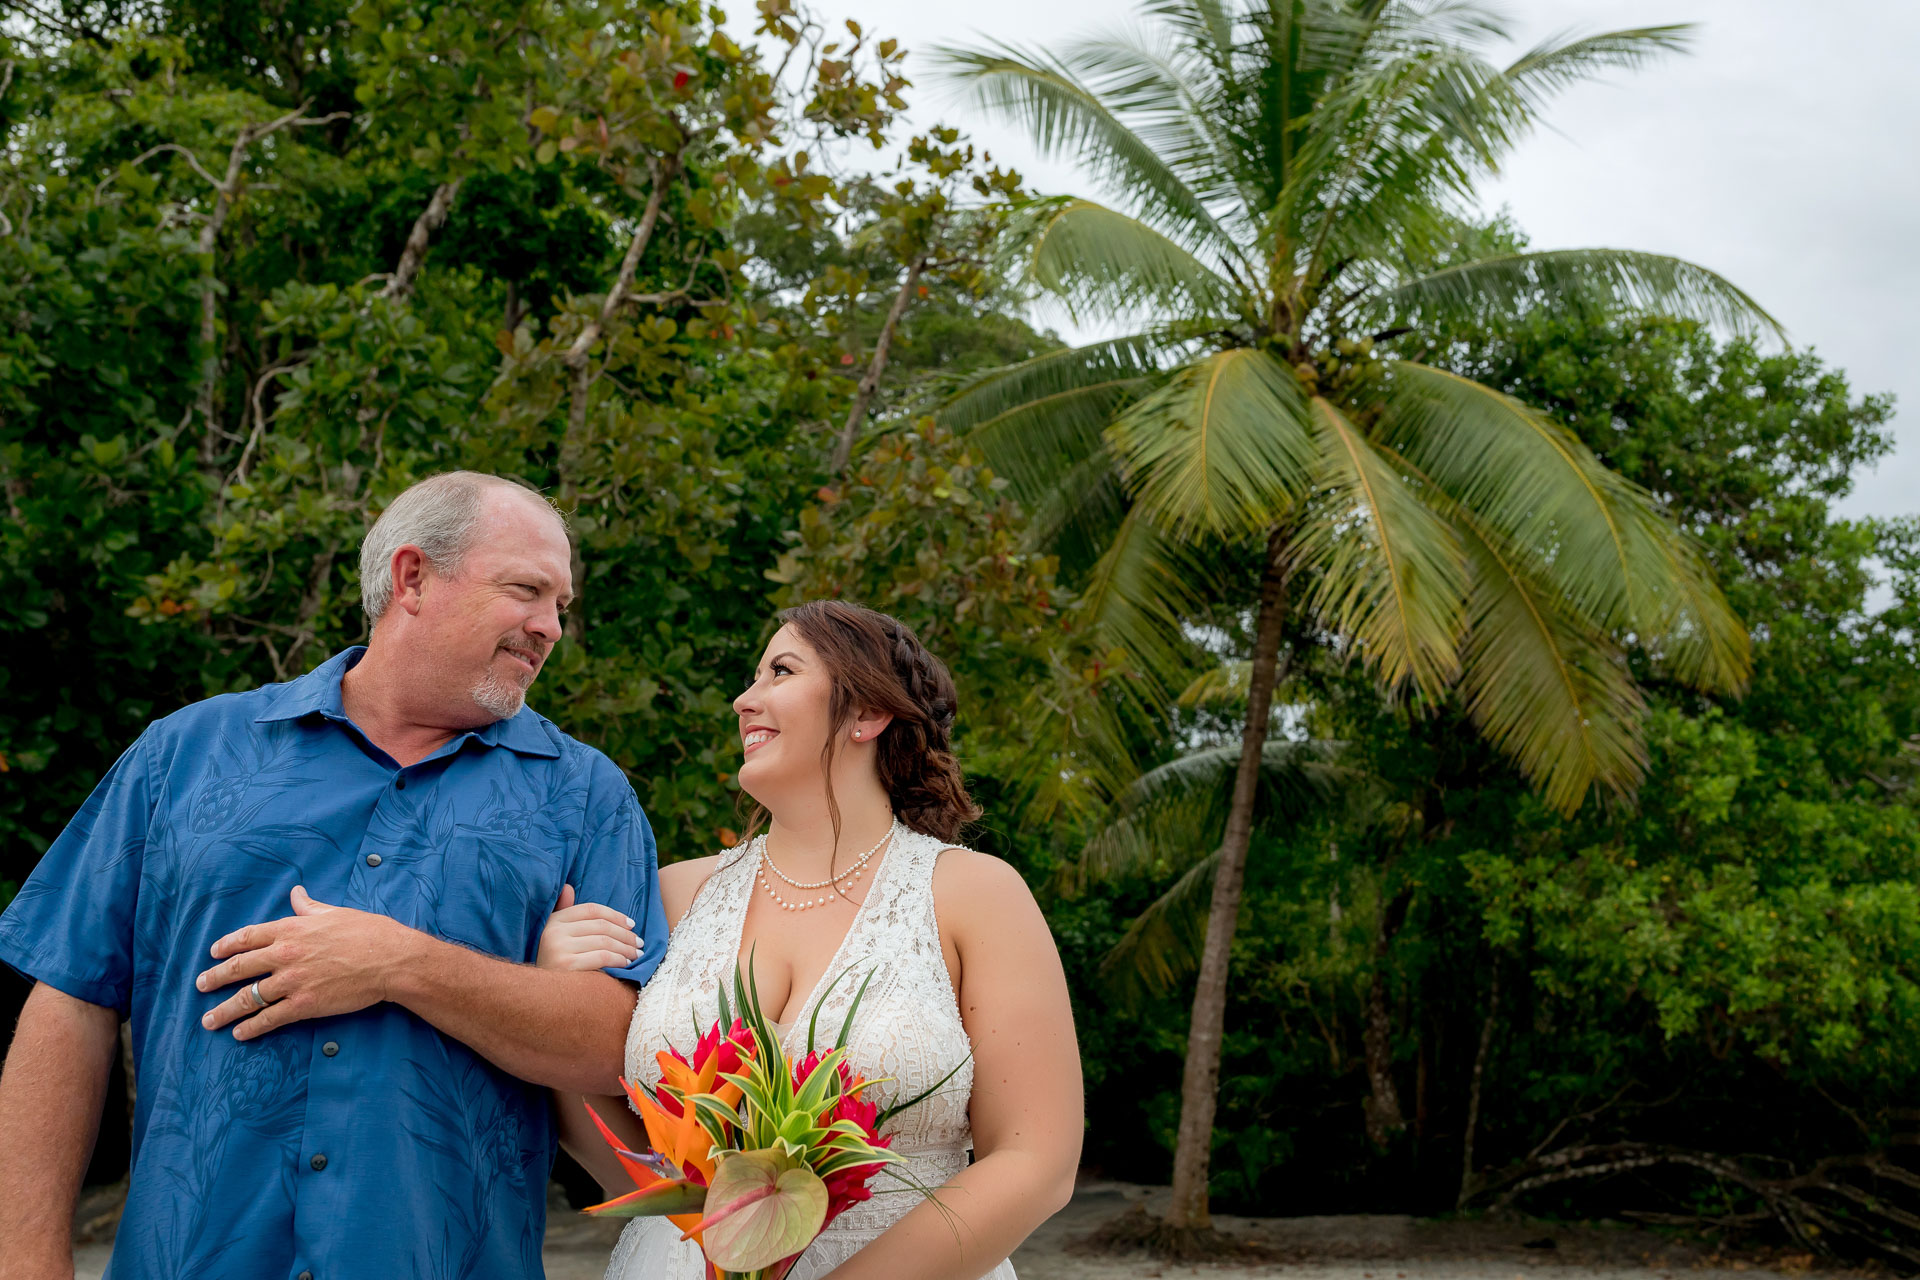 Photo du père et de la mariée Elopement au Costa Rica   regarde son père avant de se rendre à la cérémonie